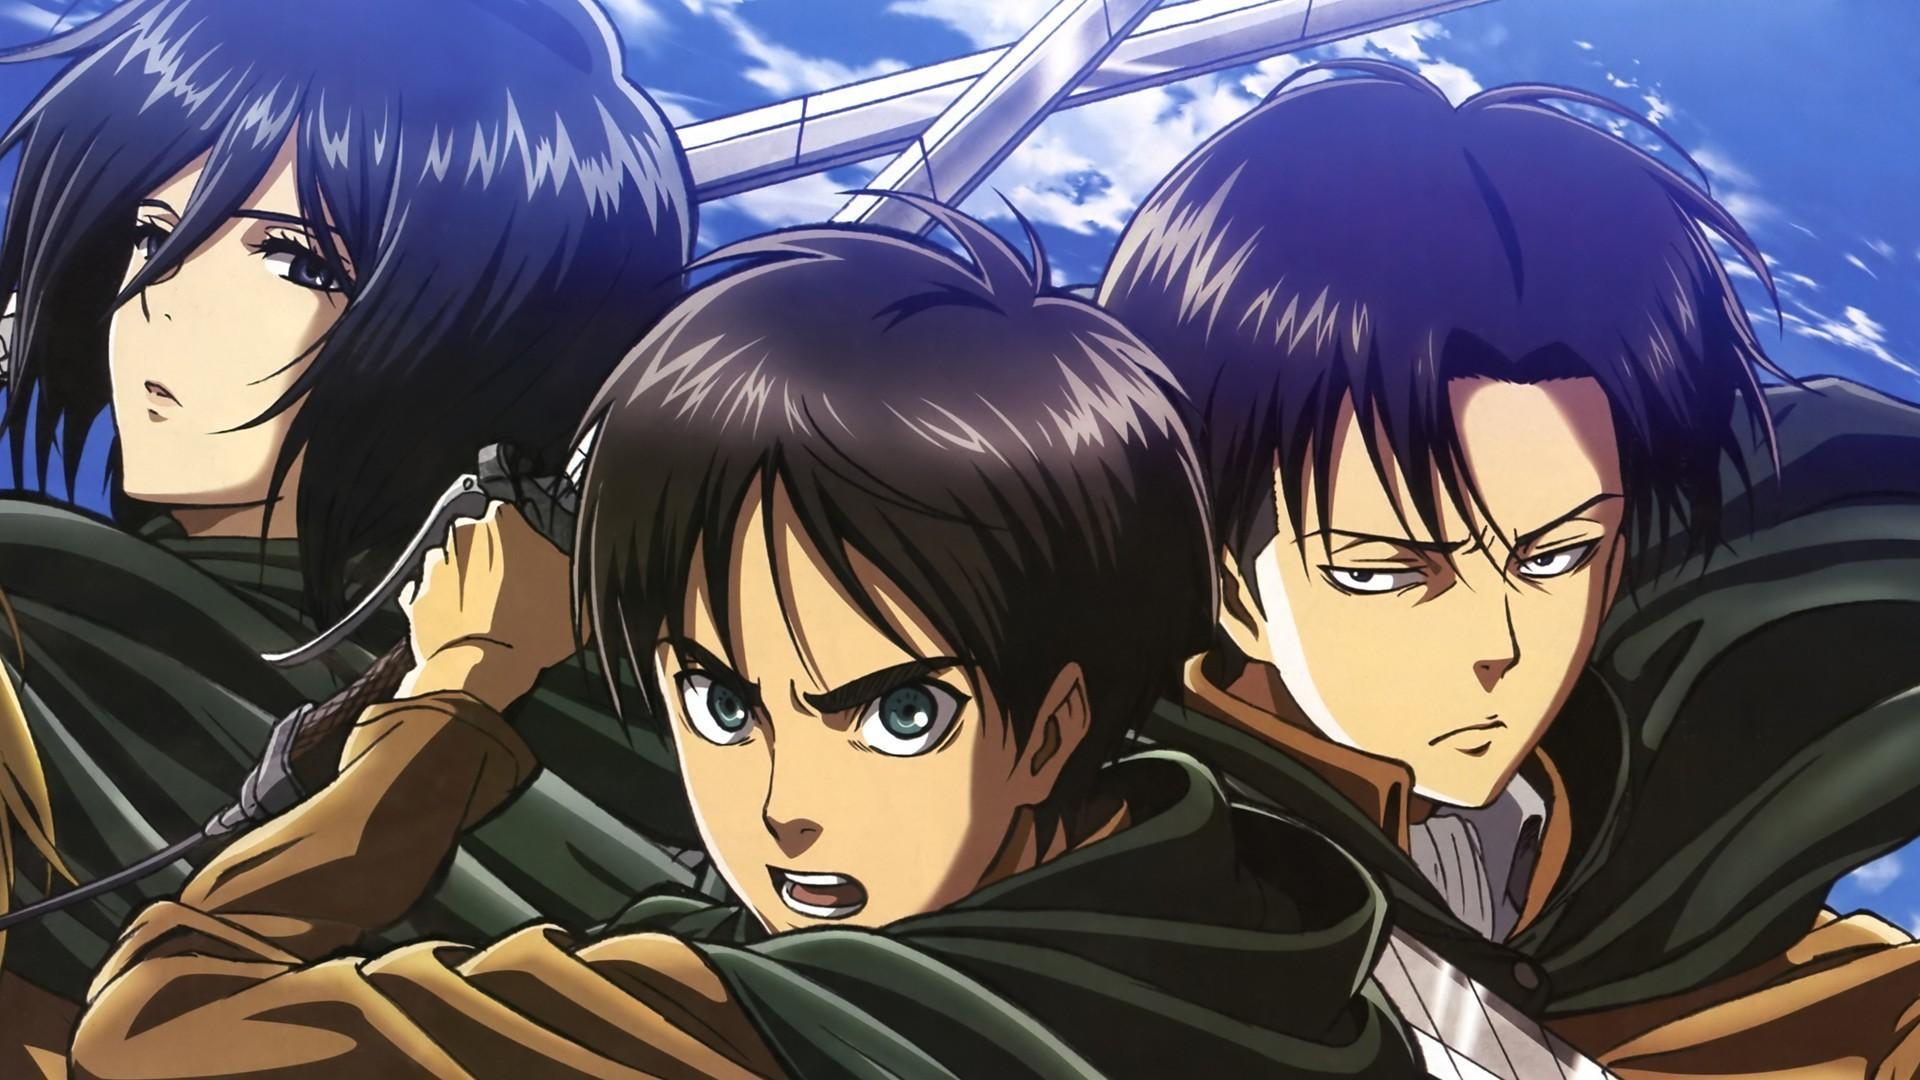 shingeki no kyojin cape eren jaeger mikasa ackerman rivaille shingeki no  kyojin short hair sword uniform